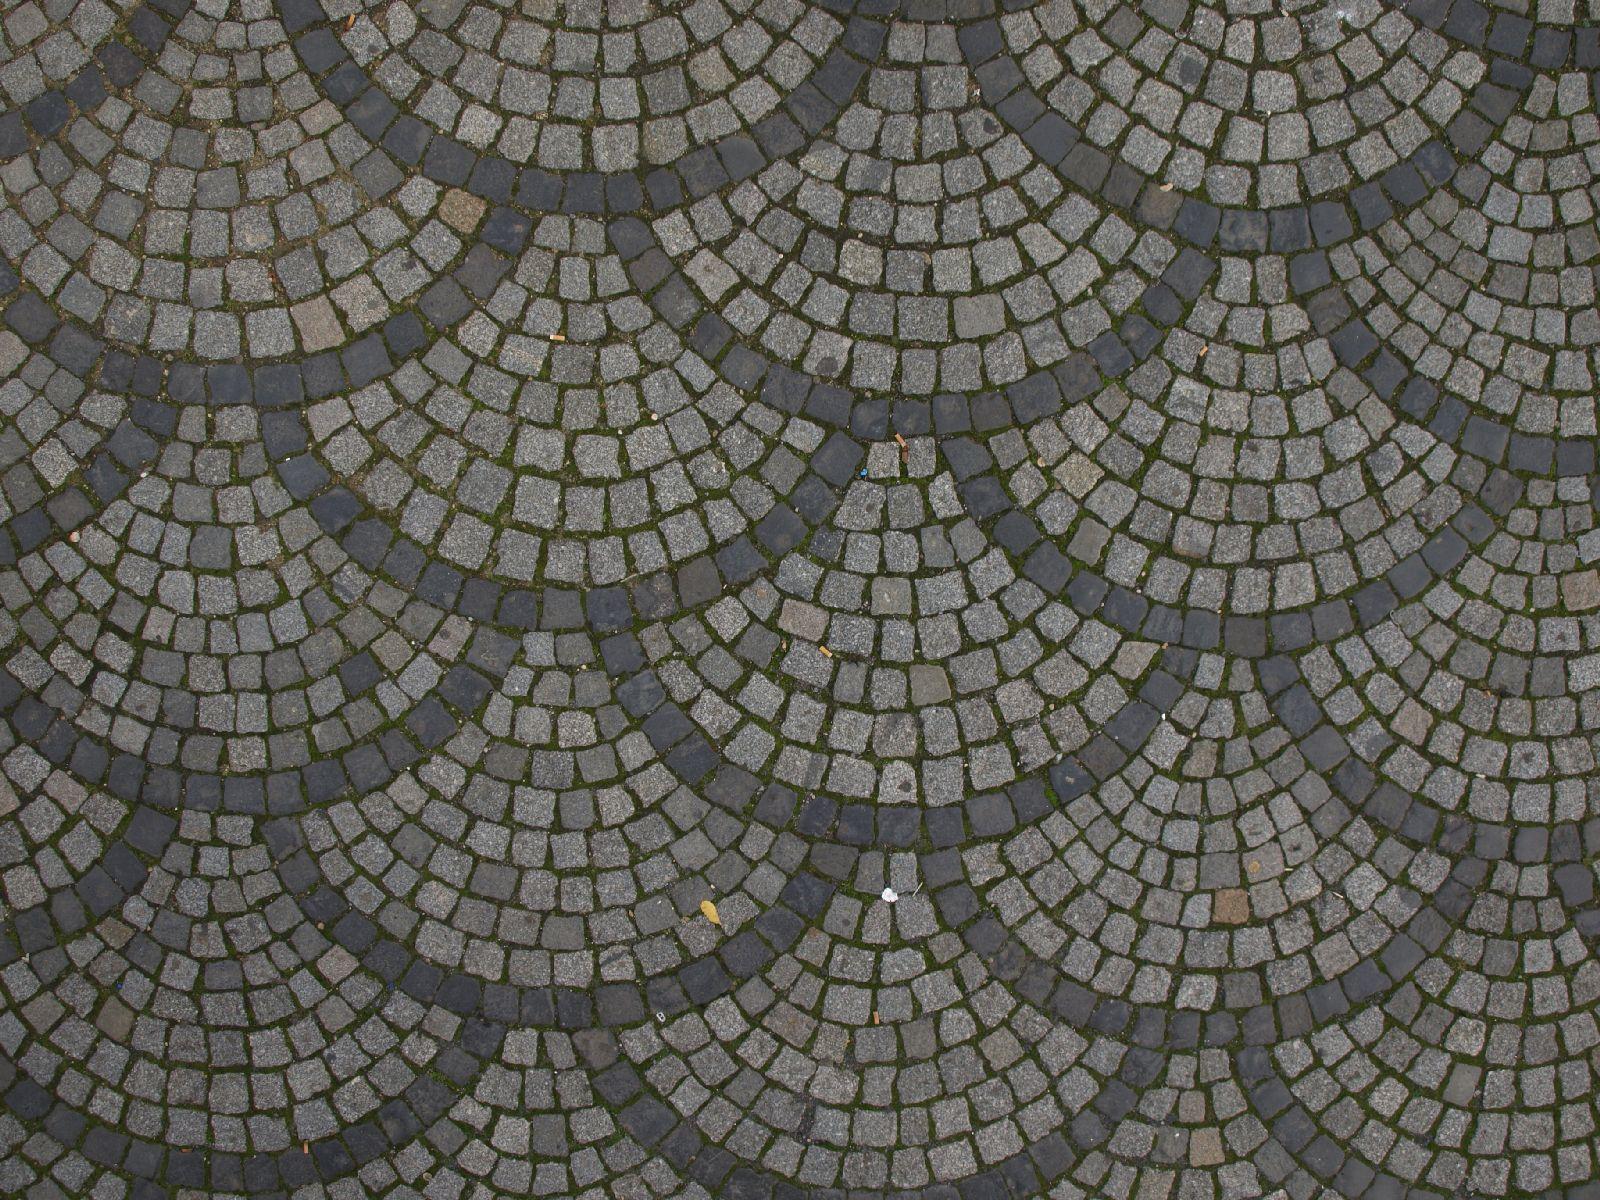 Boden-Gehweg-Strasse-Buergersteig-Textur_A_PB010879